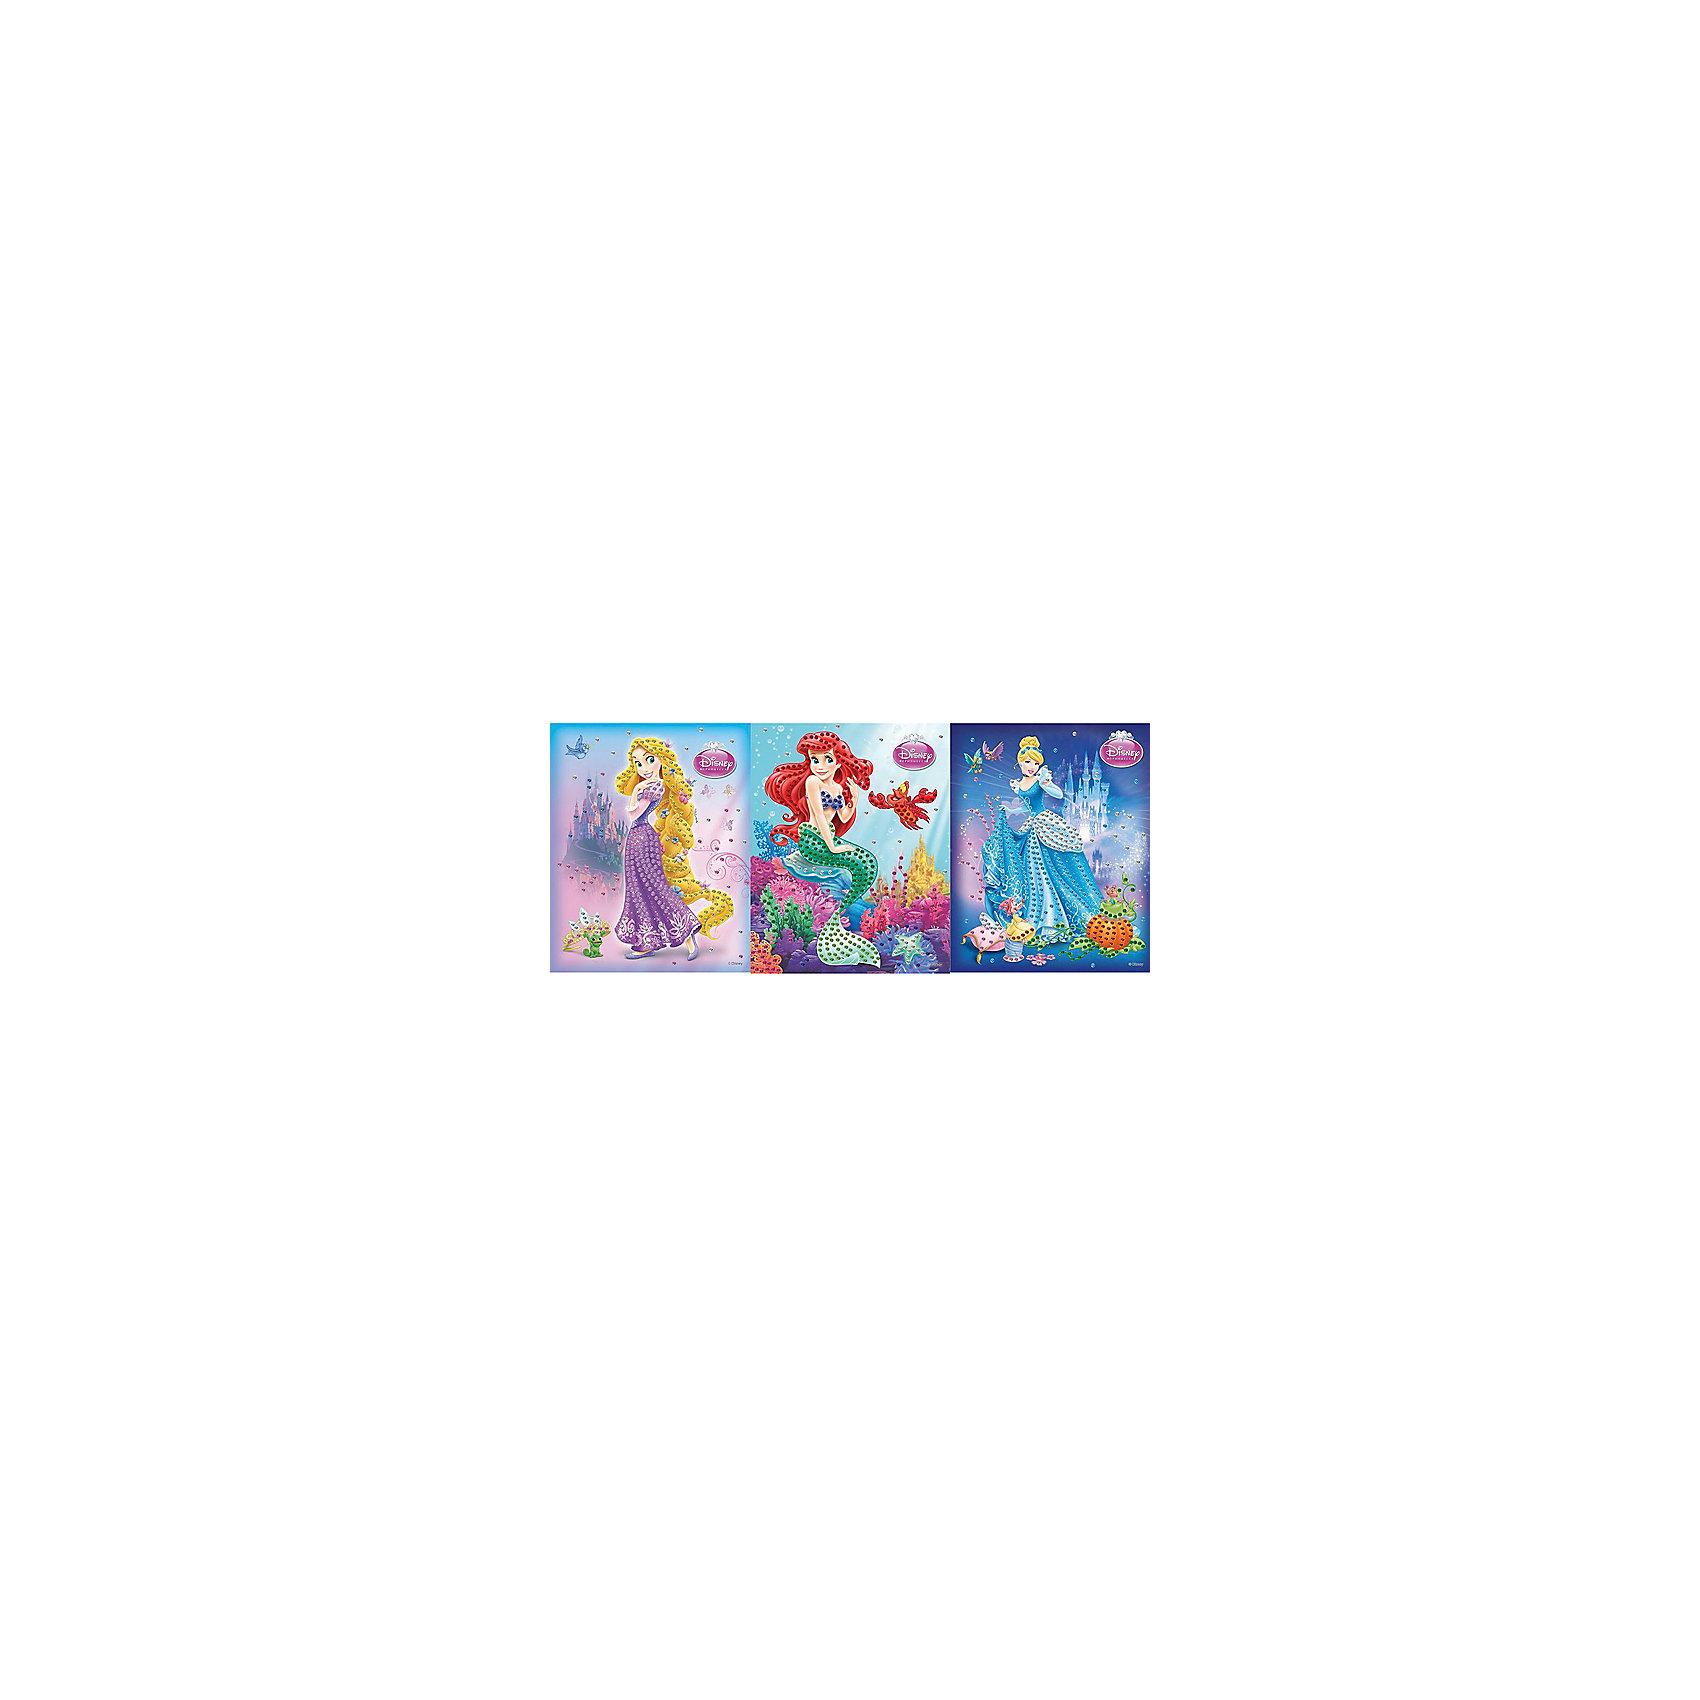 Аппликация из пайеток Принцессы Диснея, Играем вместеАппликация из пайеток Принцессы Диснея, Играем вместе – это набор из разноцветных пайеток для украшения картинки, на которой изображена одна из диснеевских принцесс: русалочка Ариэль, длинноволосая Рапунцель или красавица Золушка.<br><br>Дополнительная информация:<br>-Серия: Принцессы Диснея<br>-Вес в упаковке: 130 г<br>-Размеры в упаковке: 230х320х100  мм<br>-Материалы: пластик, картон<br>-Внимание: дизайн картинок в ассортименте (Рапунцель, Ариэль, Золушка) (заранее выбрать невозможно, при заказе нескольких возможно получение одинаковых)<br><br>Набор для создания аппликации из пайеток «Принцессы Диснея» обрадует Вашего ребенка и позволит весело провести время!<br><br>Аппликация из пайеток Принцессы Диснея, Играем вместе можно купить в нашем магазине.<br><br>Ширина мм: 230<br>Глубина мм: 320<br>Высота мм: 100<br>Вес г: 130<br>Возраст от месяцев: 60<br>Возраст до месяцев: 108<br>Пол: Женский<br>Возраст: Детский<br>SKU: 4079320